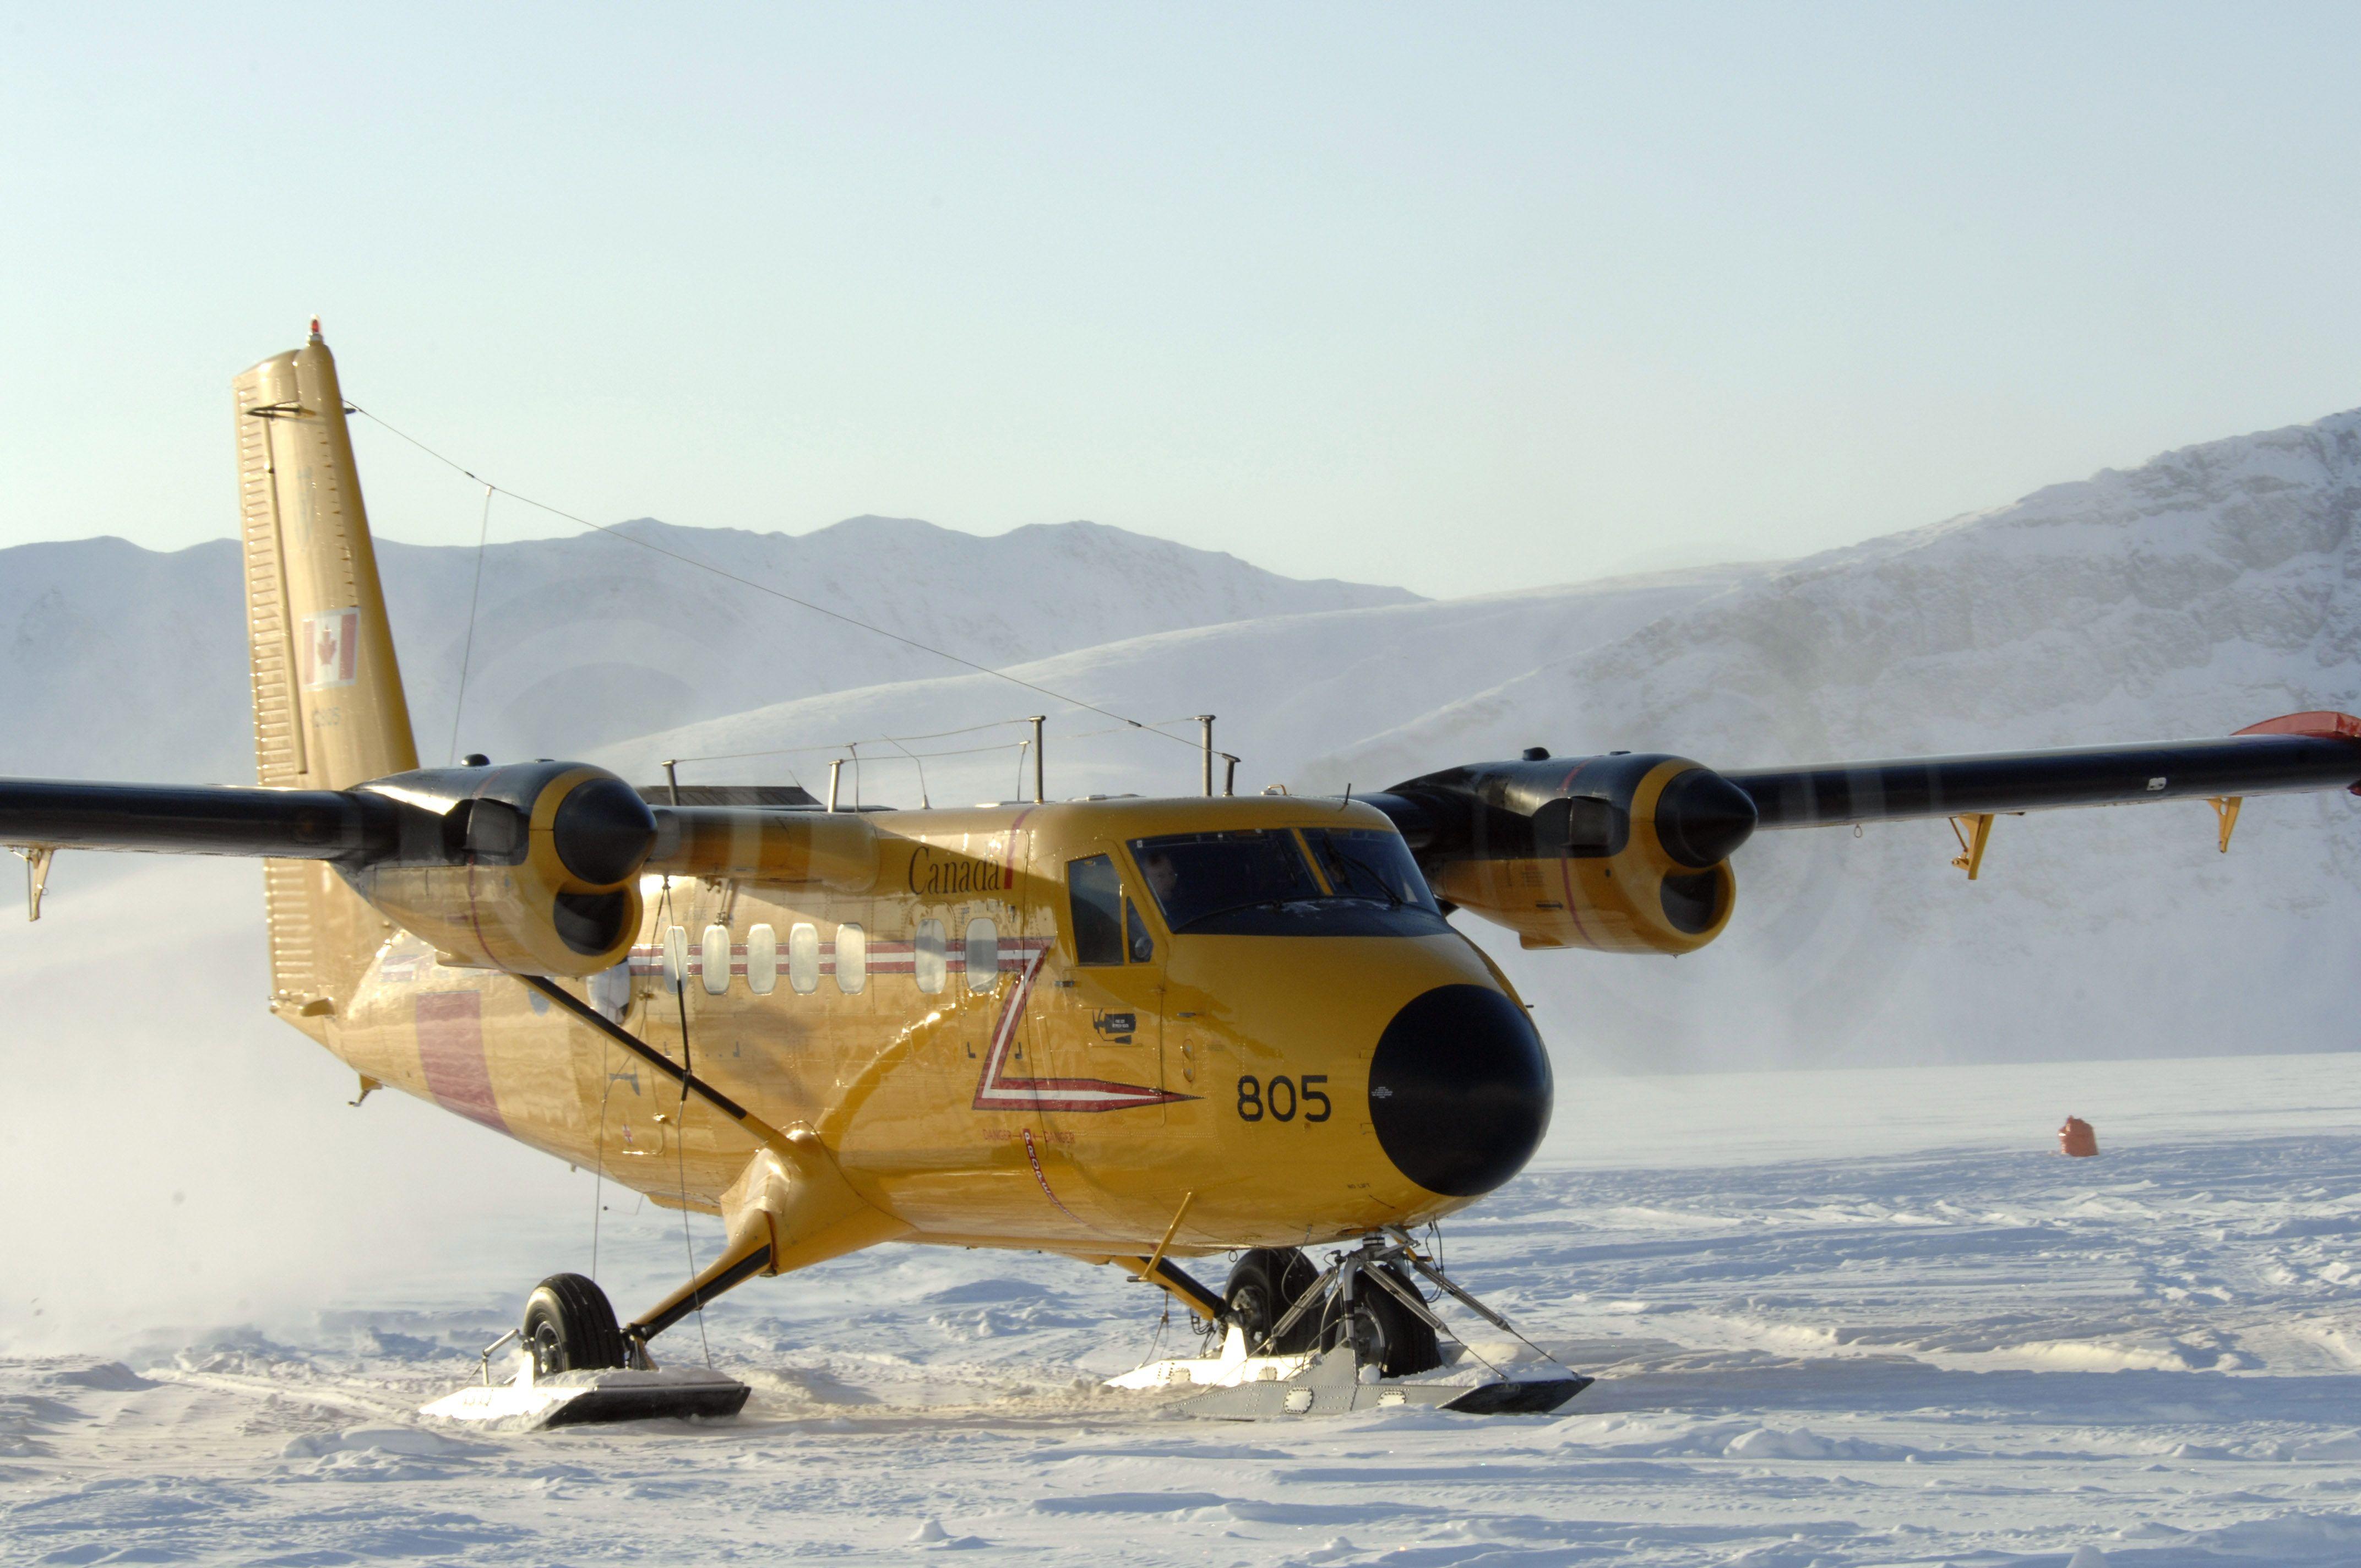 de Havilland Canada CC138 Twin Otter, transport & search